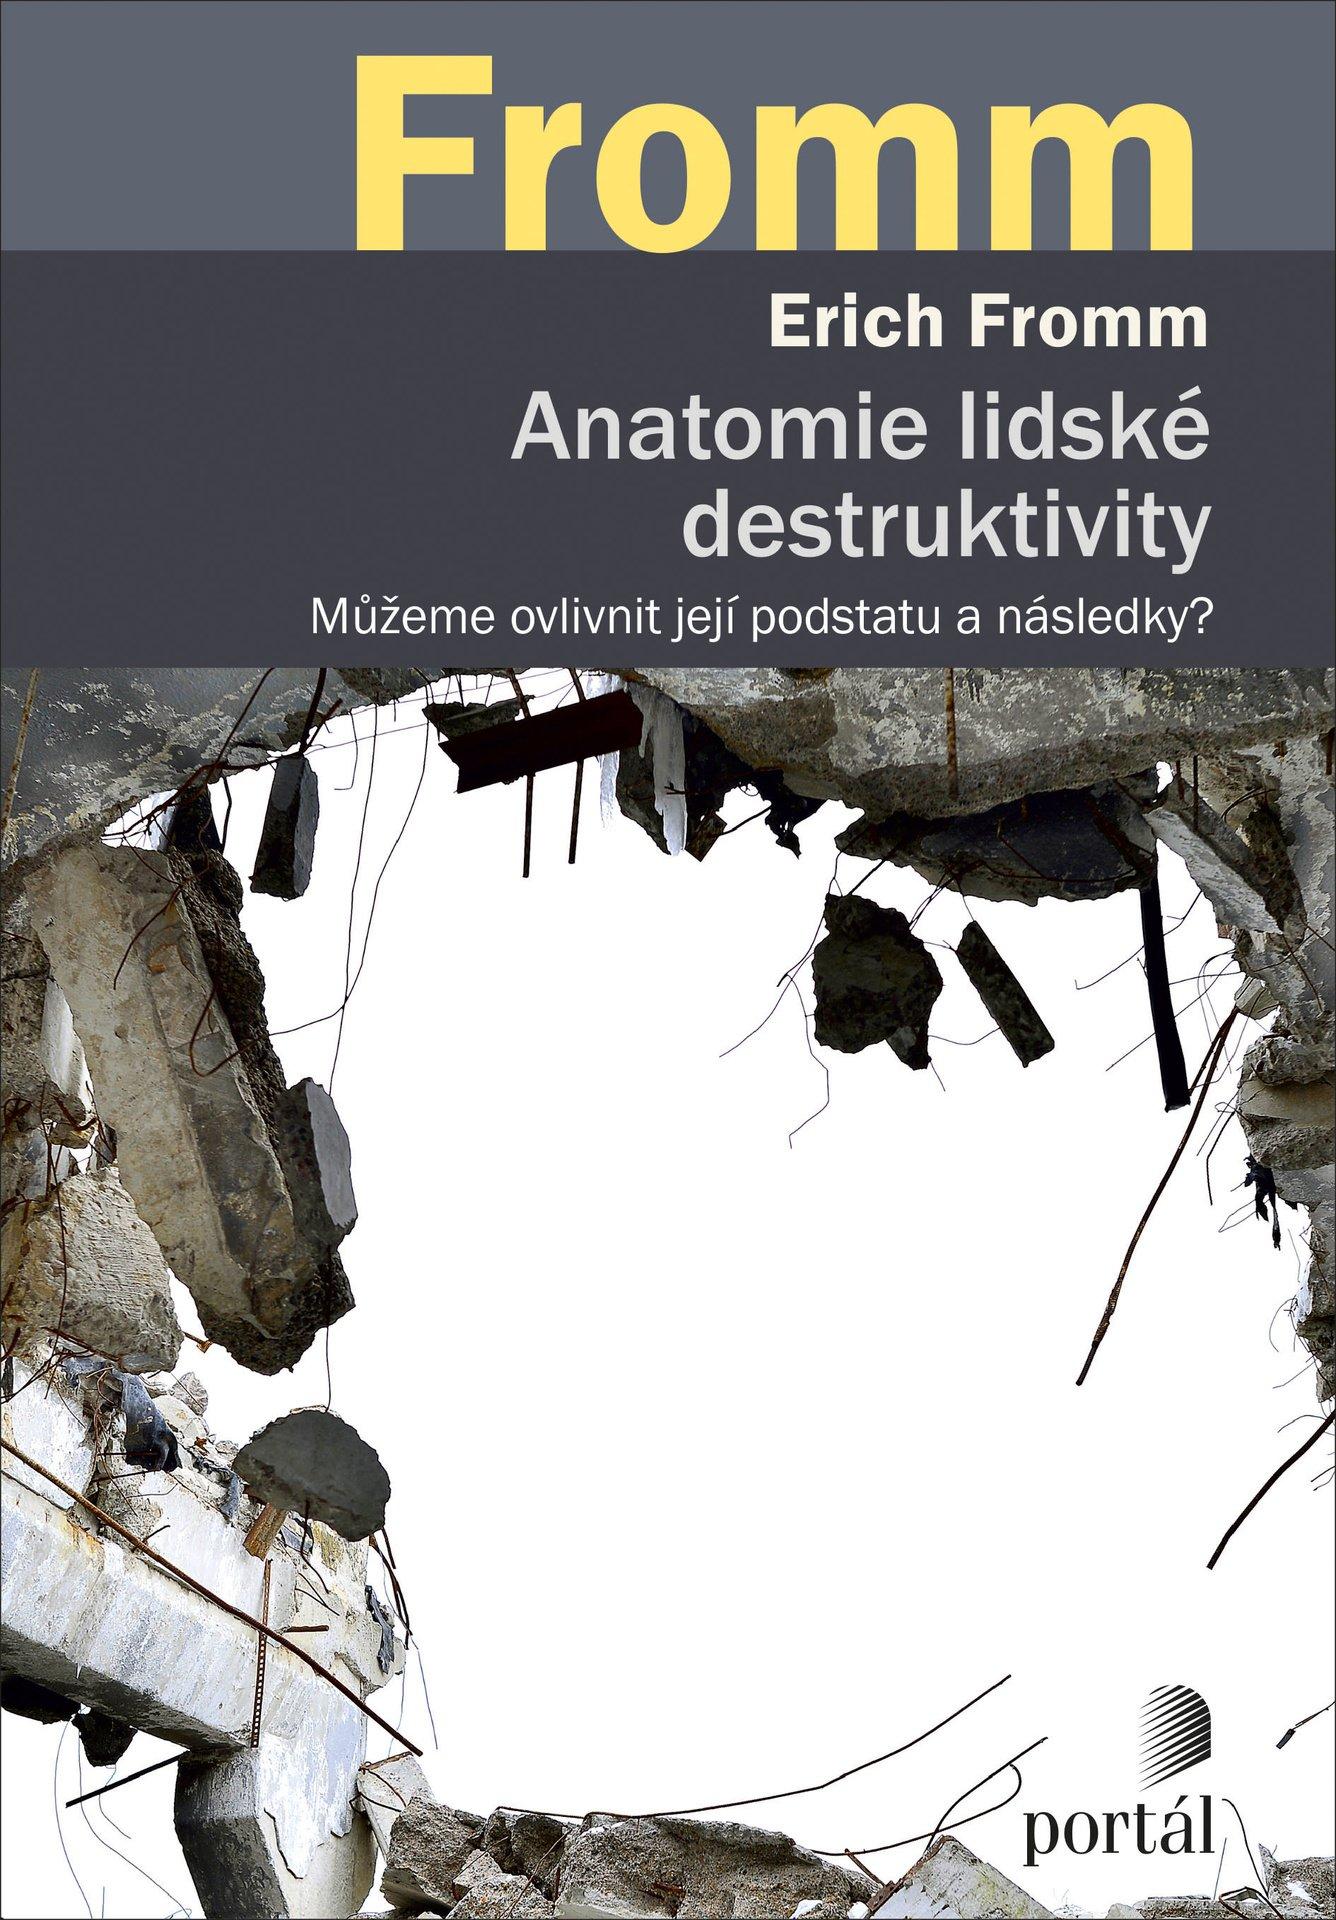 Fromm Erich, Anatomie lidské destruktivity, agrese, psychoanalýza